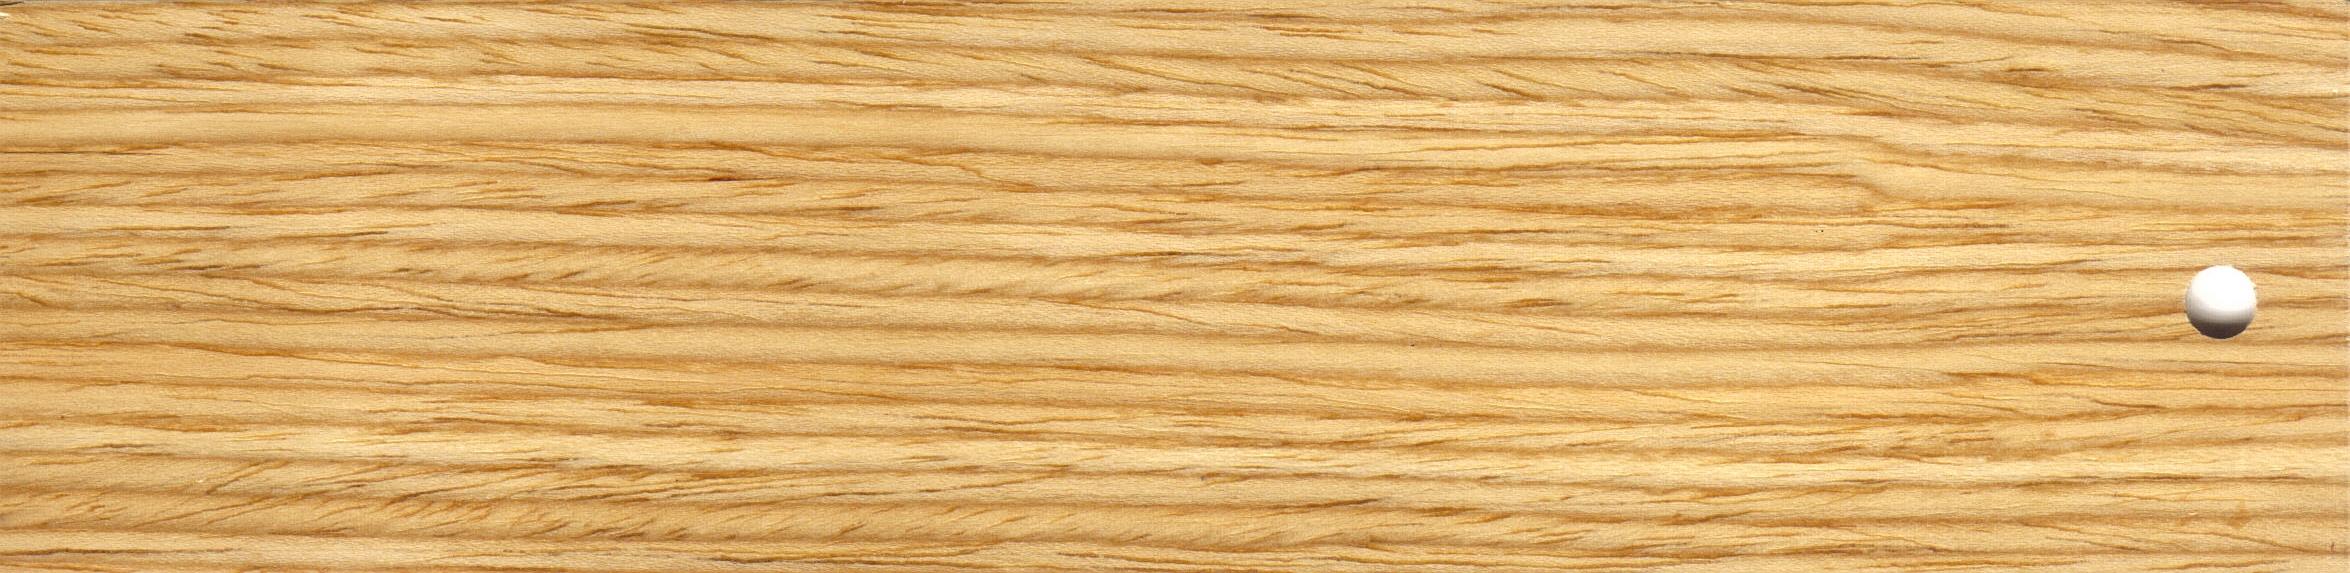 2772 50 mm ŻALUZJE DREWNIANE (żaluzje bambusowe)